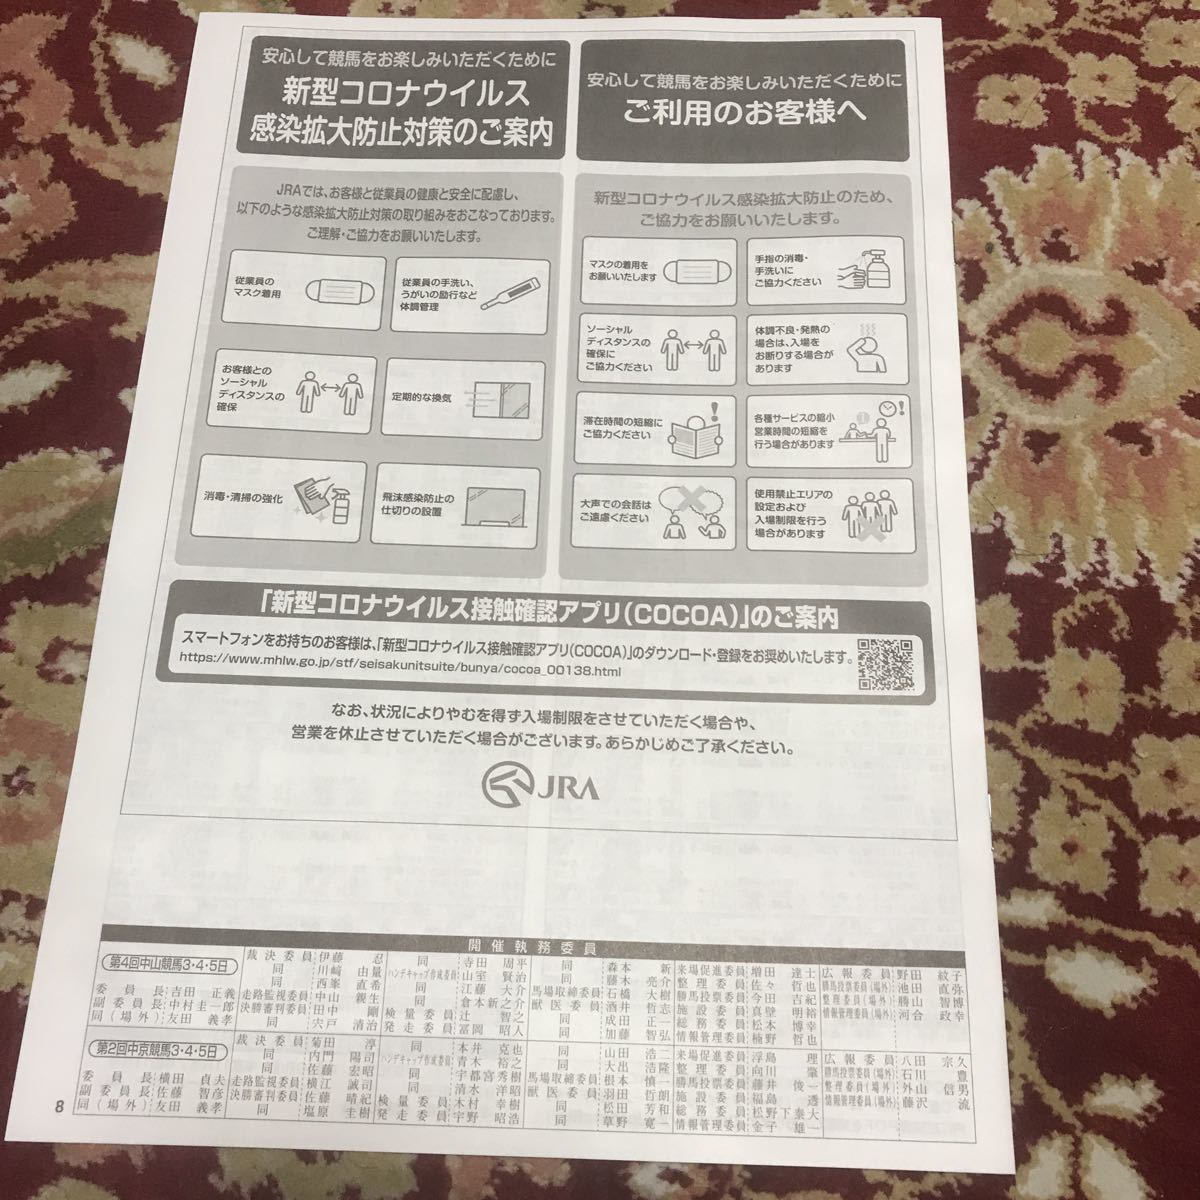 JRAレーシングプログラム令和2年9月19日(土)レインボーステークス、ケフェウスステークス_画像2